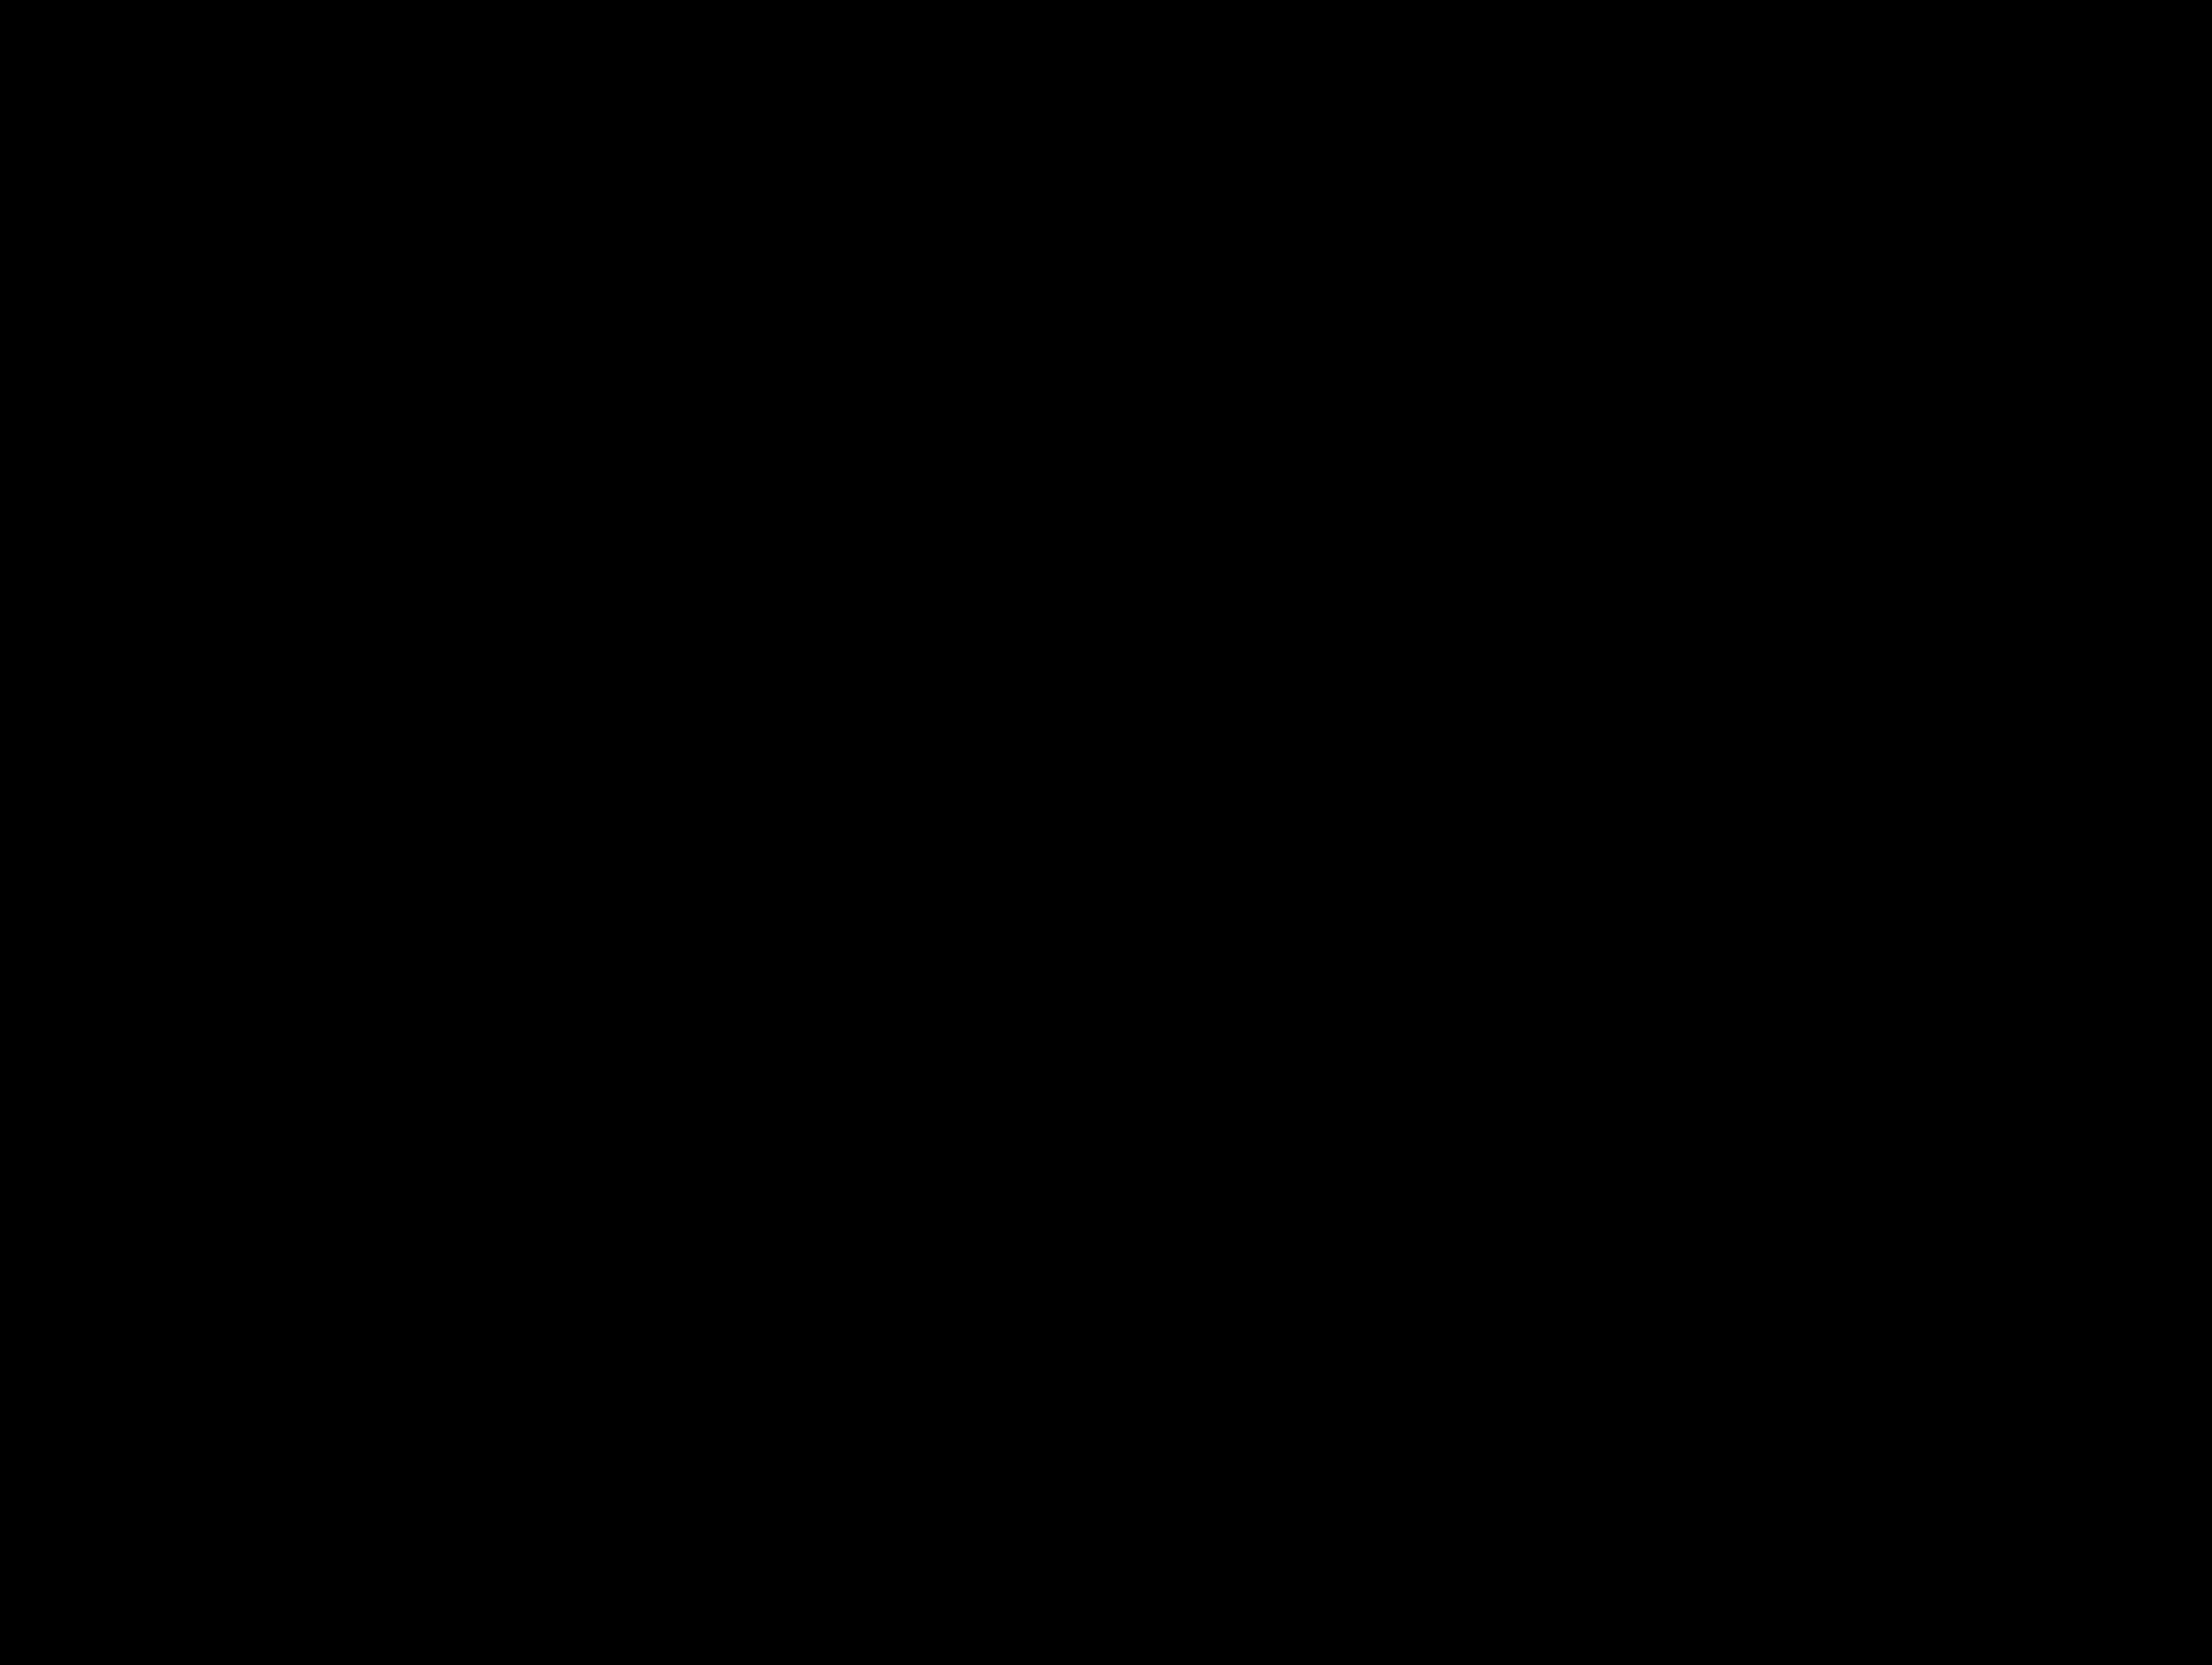 Amino-dPEG®₁₂-Tris(-dPEG®₁₂-Tris(m-dPEG®₁₁)₃)₃